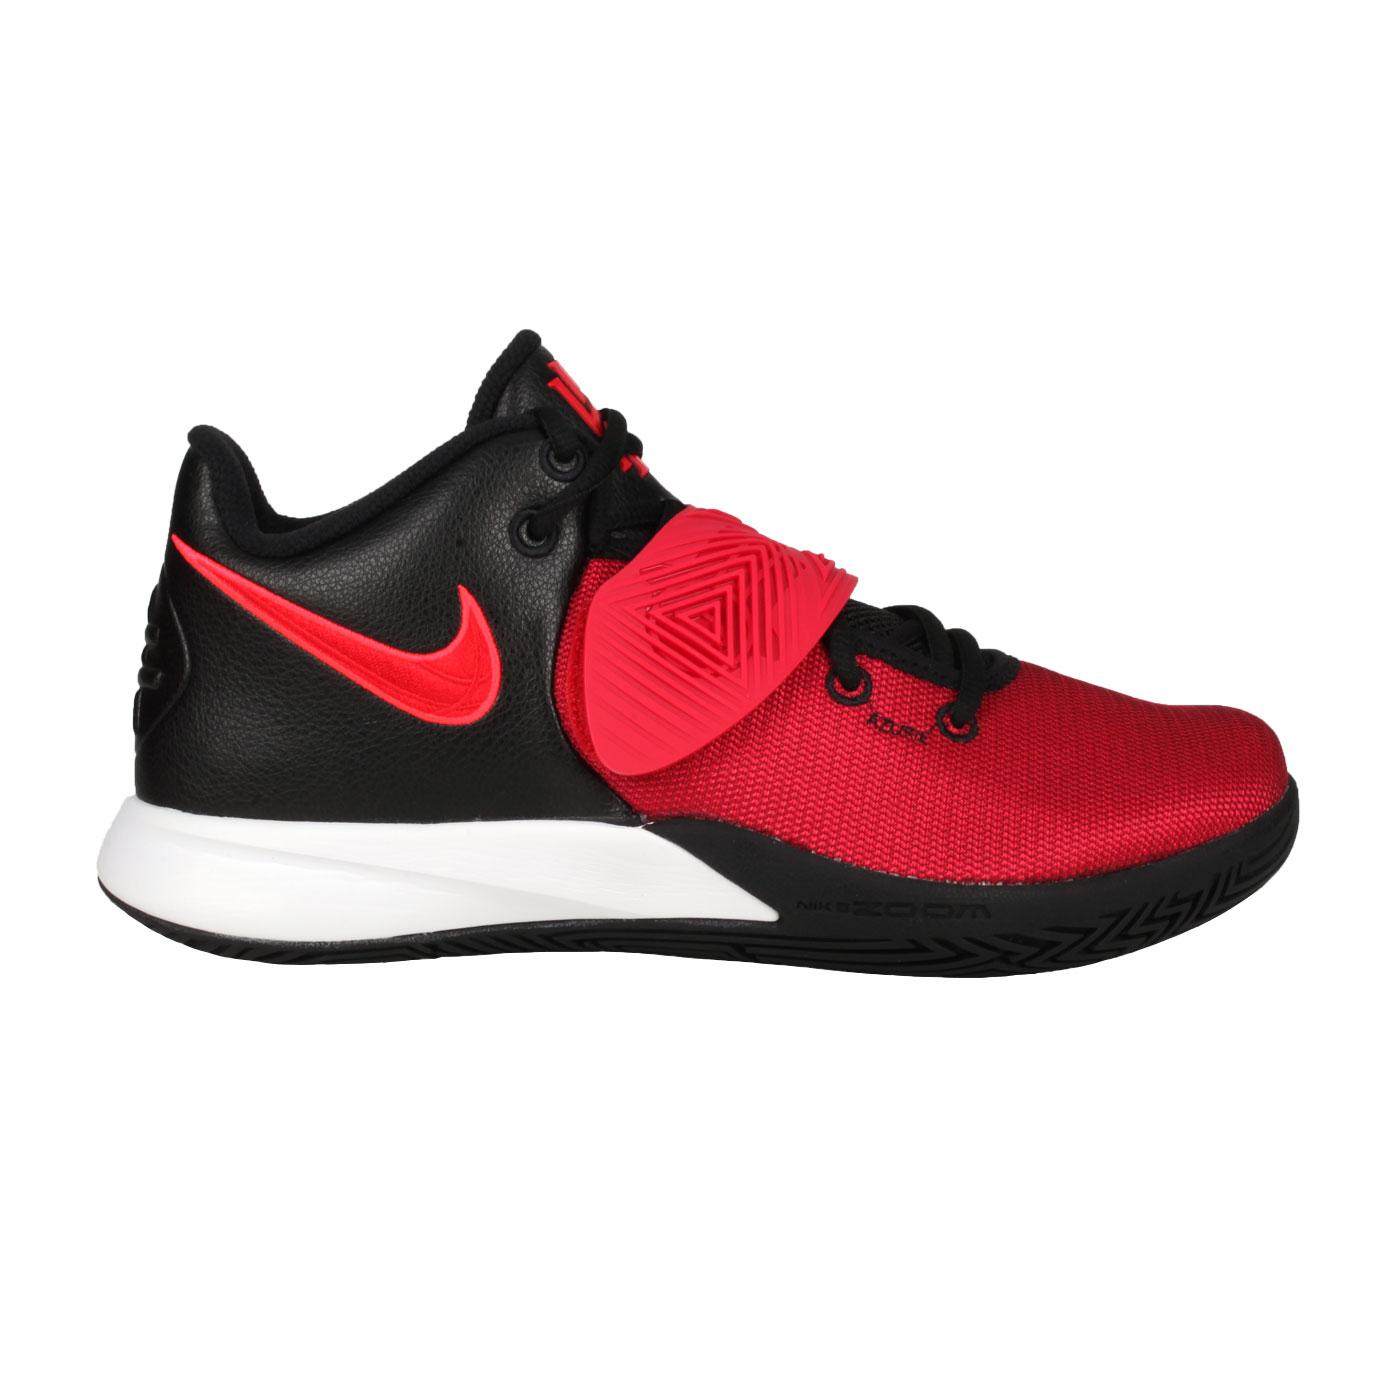 NIKE 男款籃球鞋  @KYRIE FLYTRAP III EP@CD0191008 - 黑紅